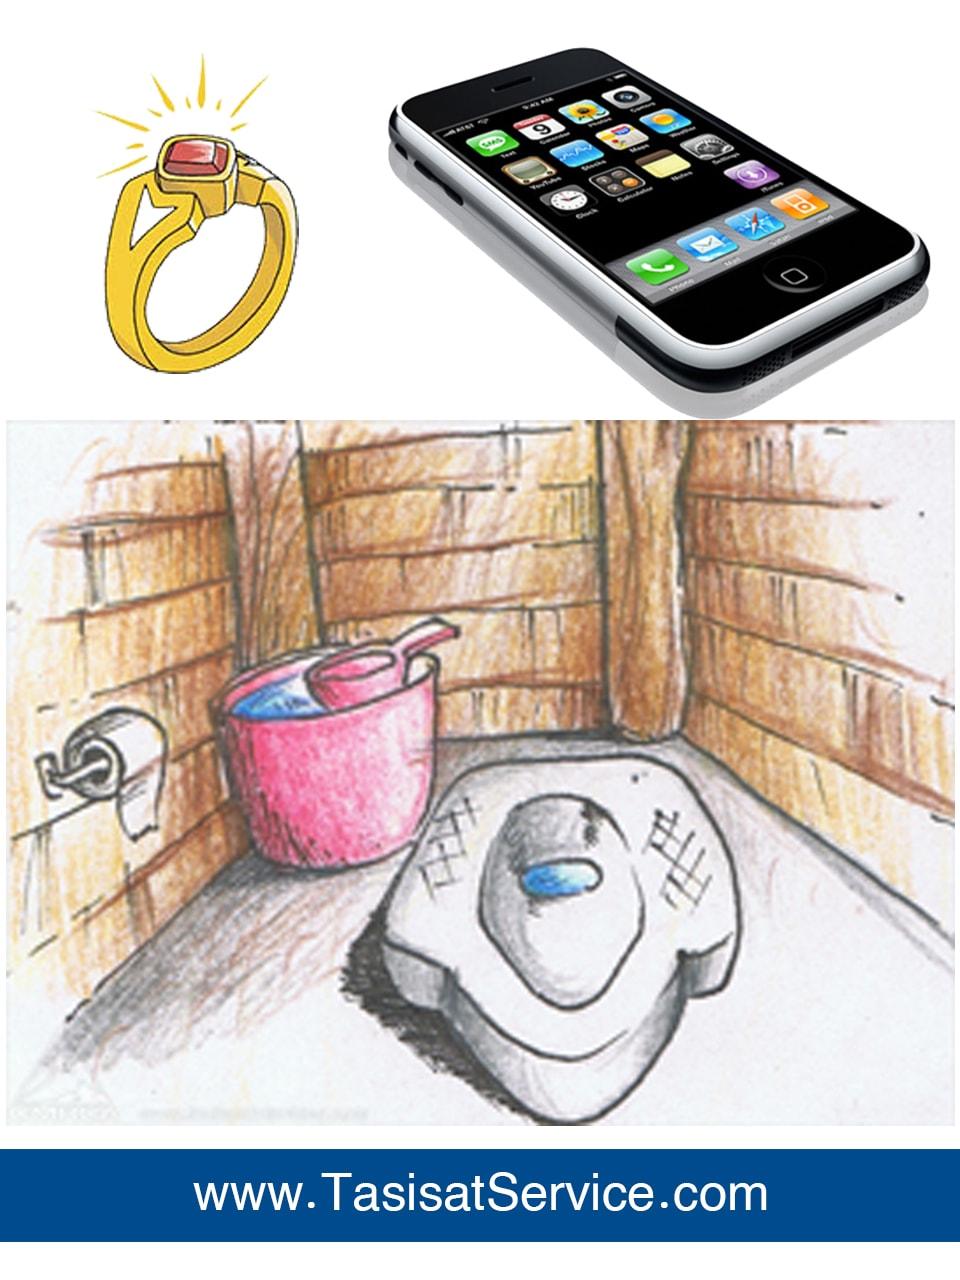 خارج کردن گوشی و انگشتر از توالت